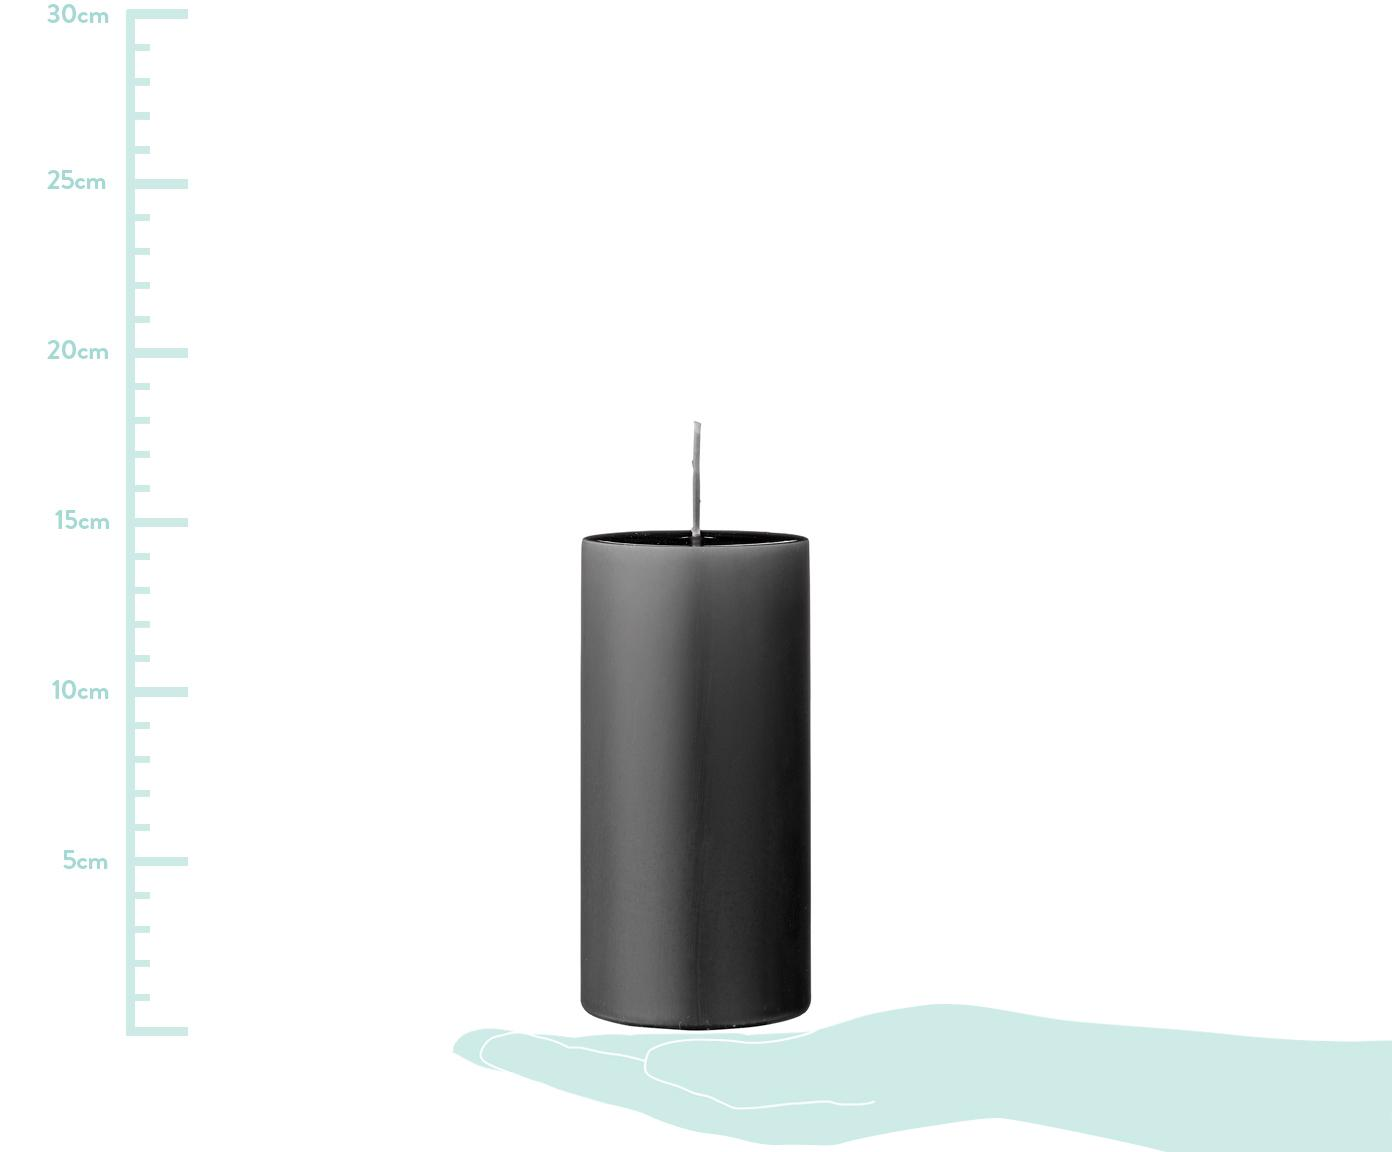 Vilas pilar Lulu, 2uds., Cera, Gris oscuro, Ø 7 x Al 15 cm